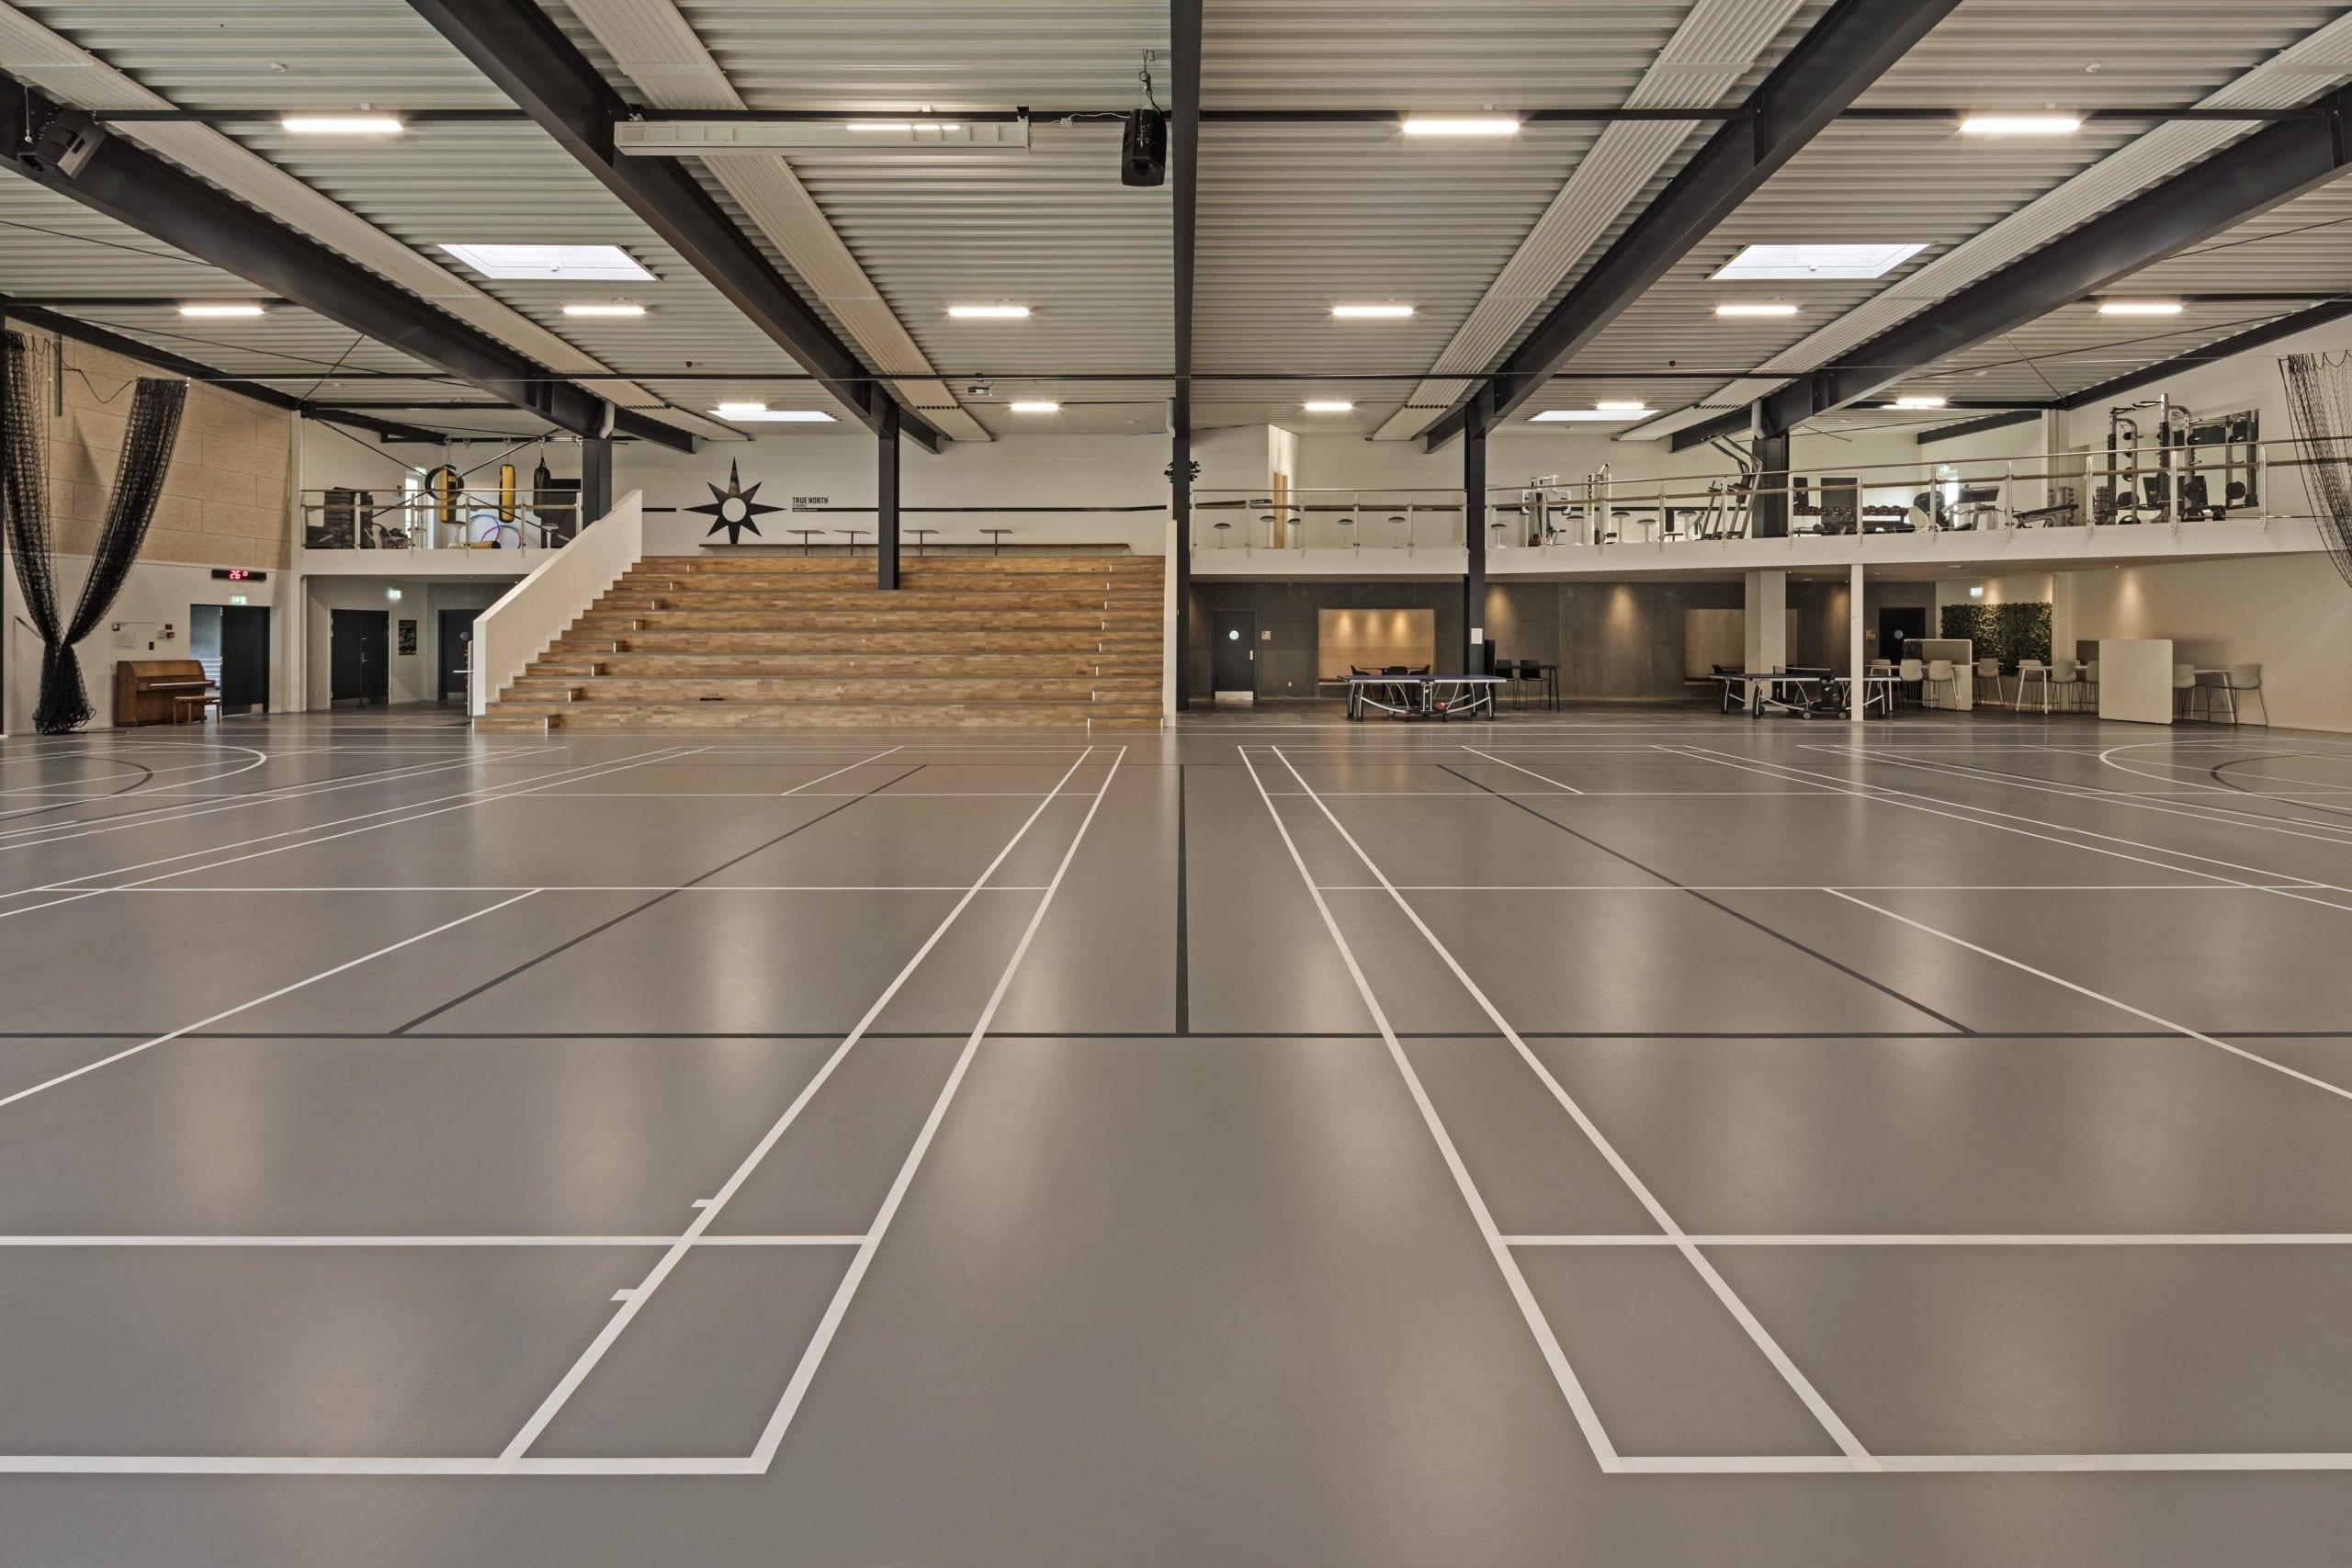 Danish school counts on indoor sports flooring from Polytan: